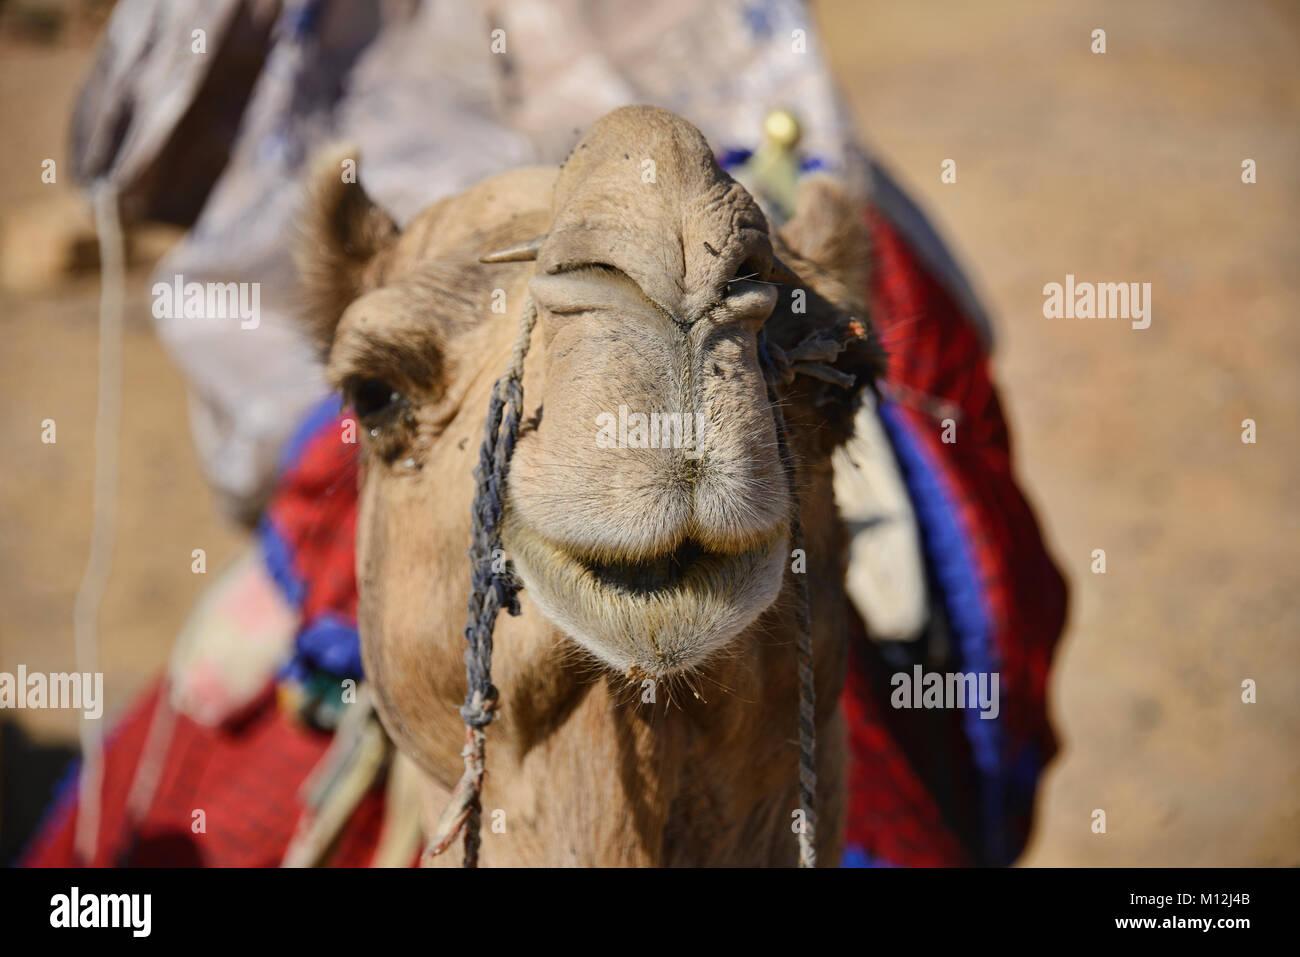 Camel trekking in the Thar Desert, Rajasthan, India Stock Photo